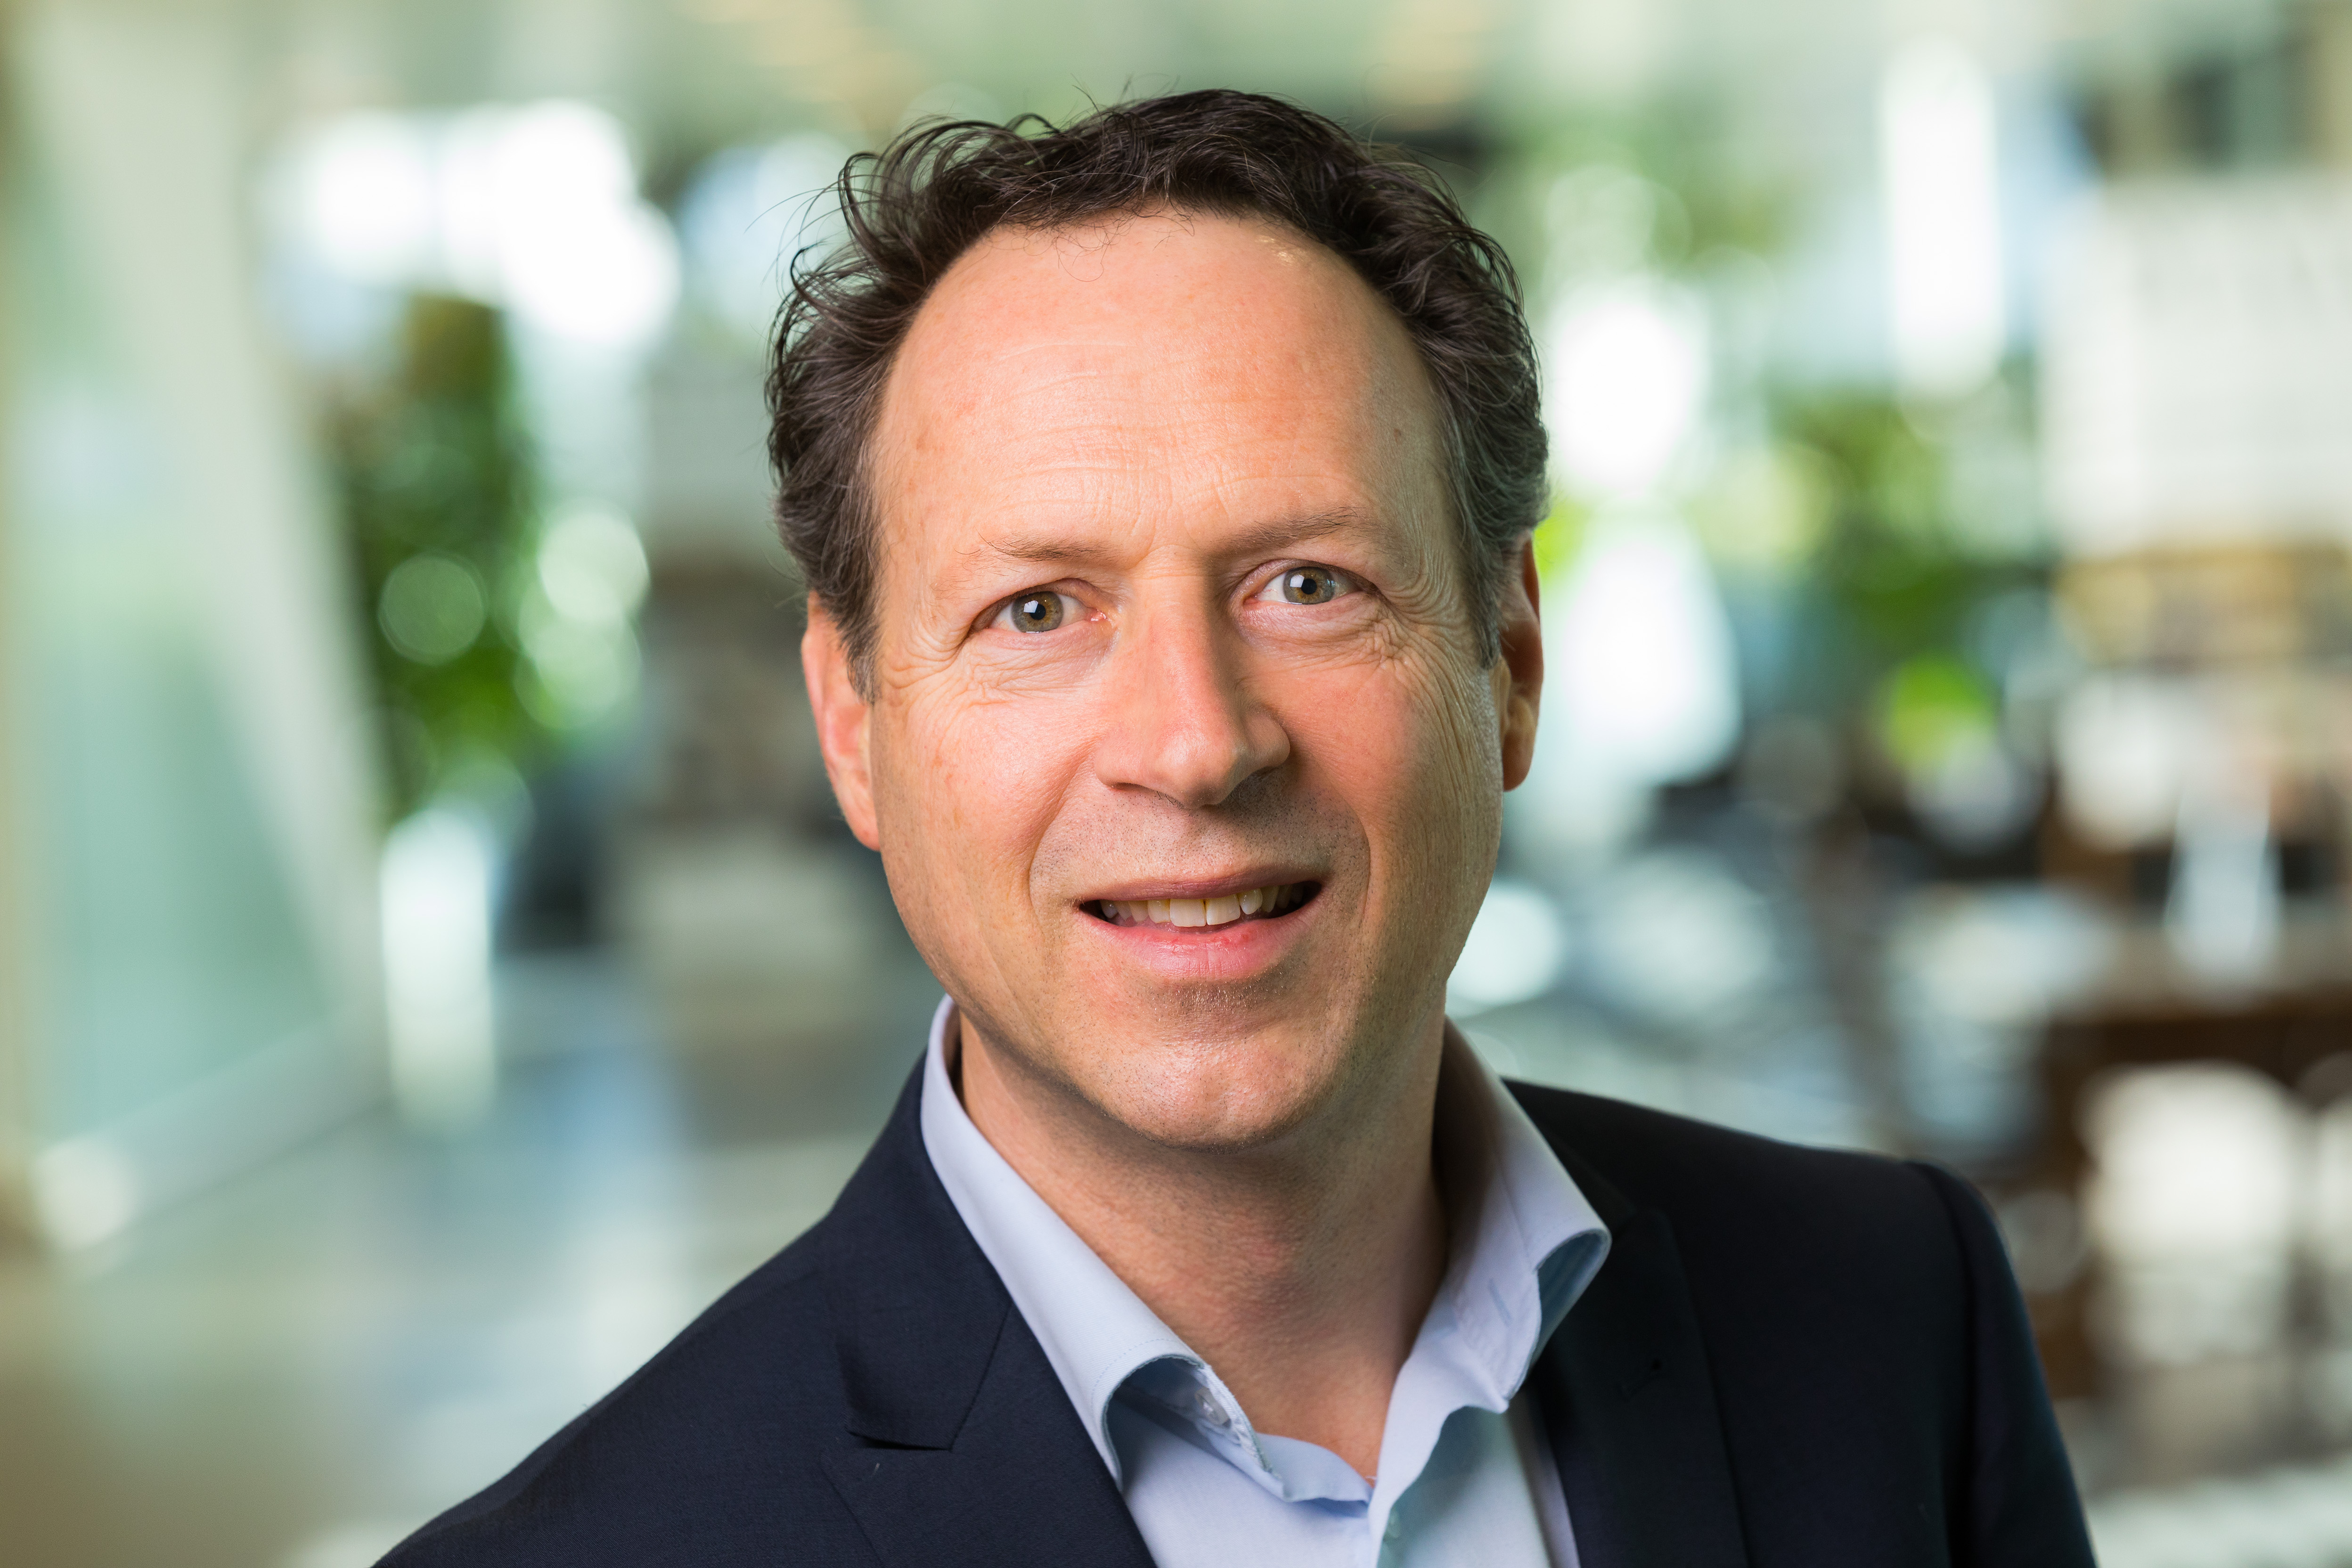 'Geleidelijkheid is de weg naar evenwicht op kantorenmarkt'